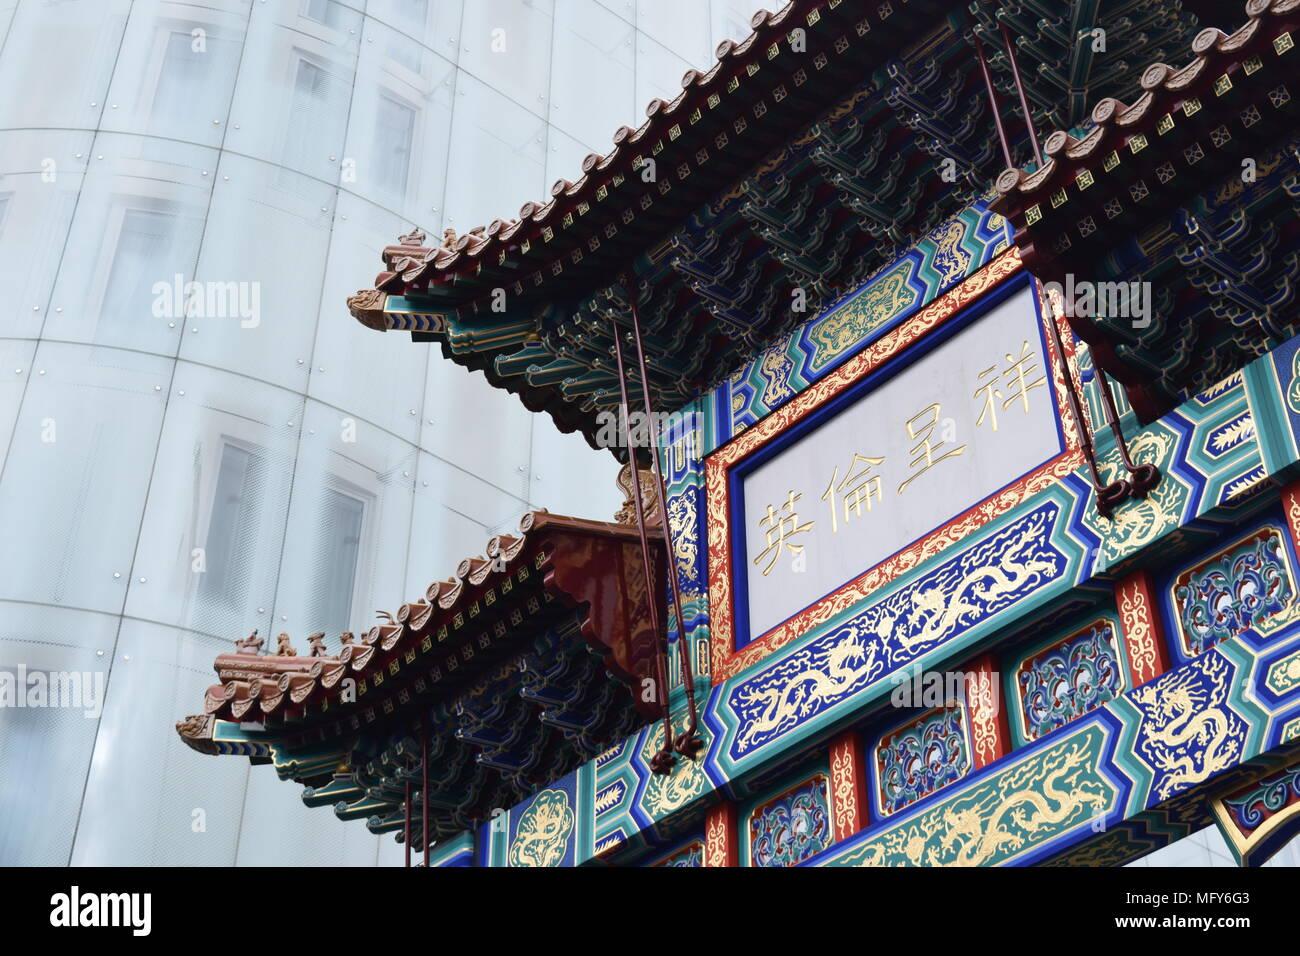 Chinatown - Stock Image